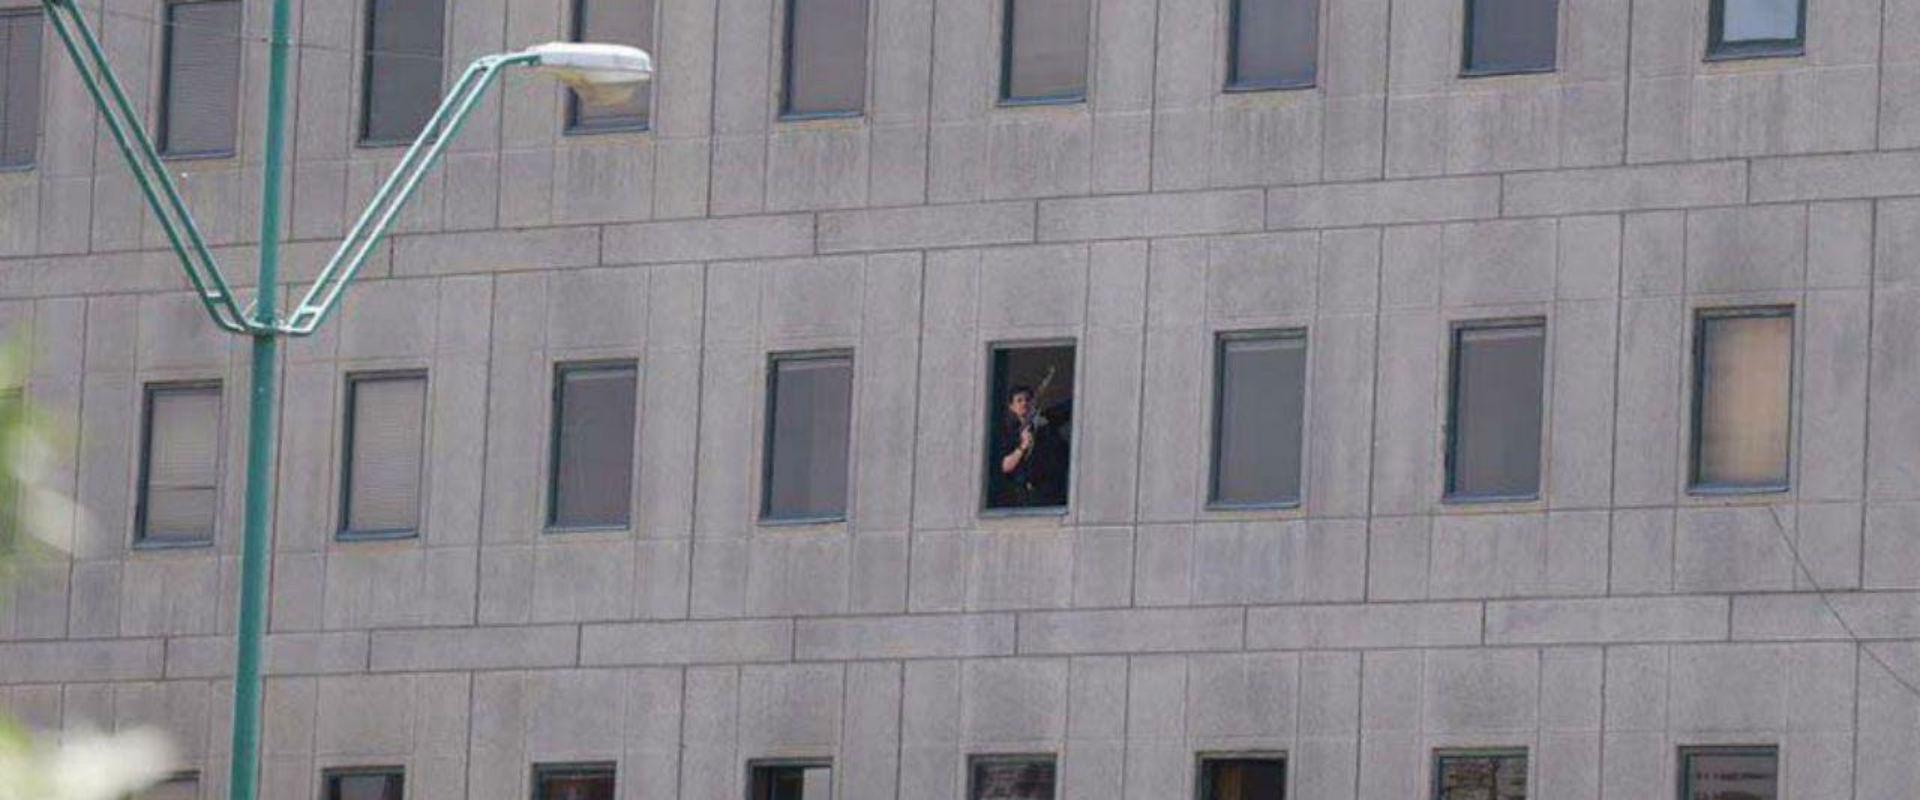 חמוש מתבצר בבניין הפרלמנט האיראני בטהרן